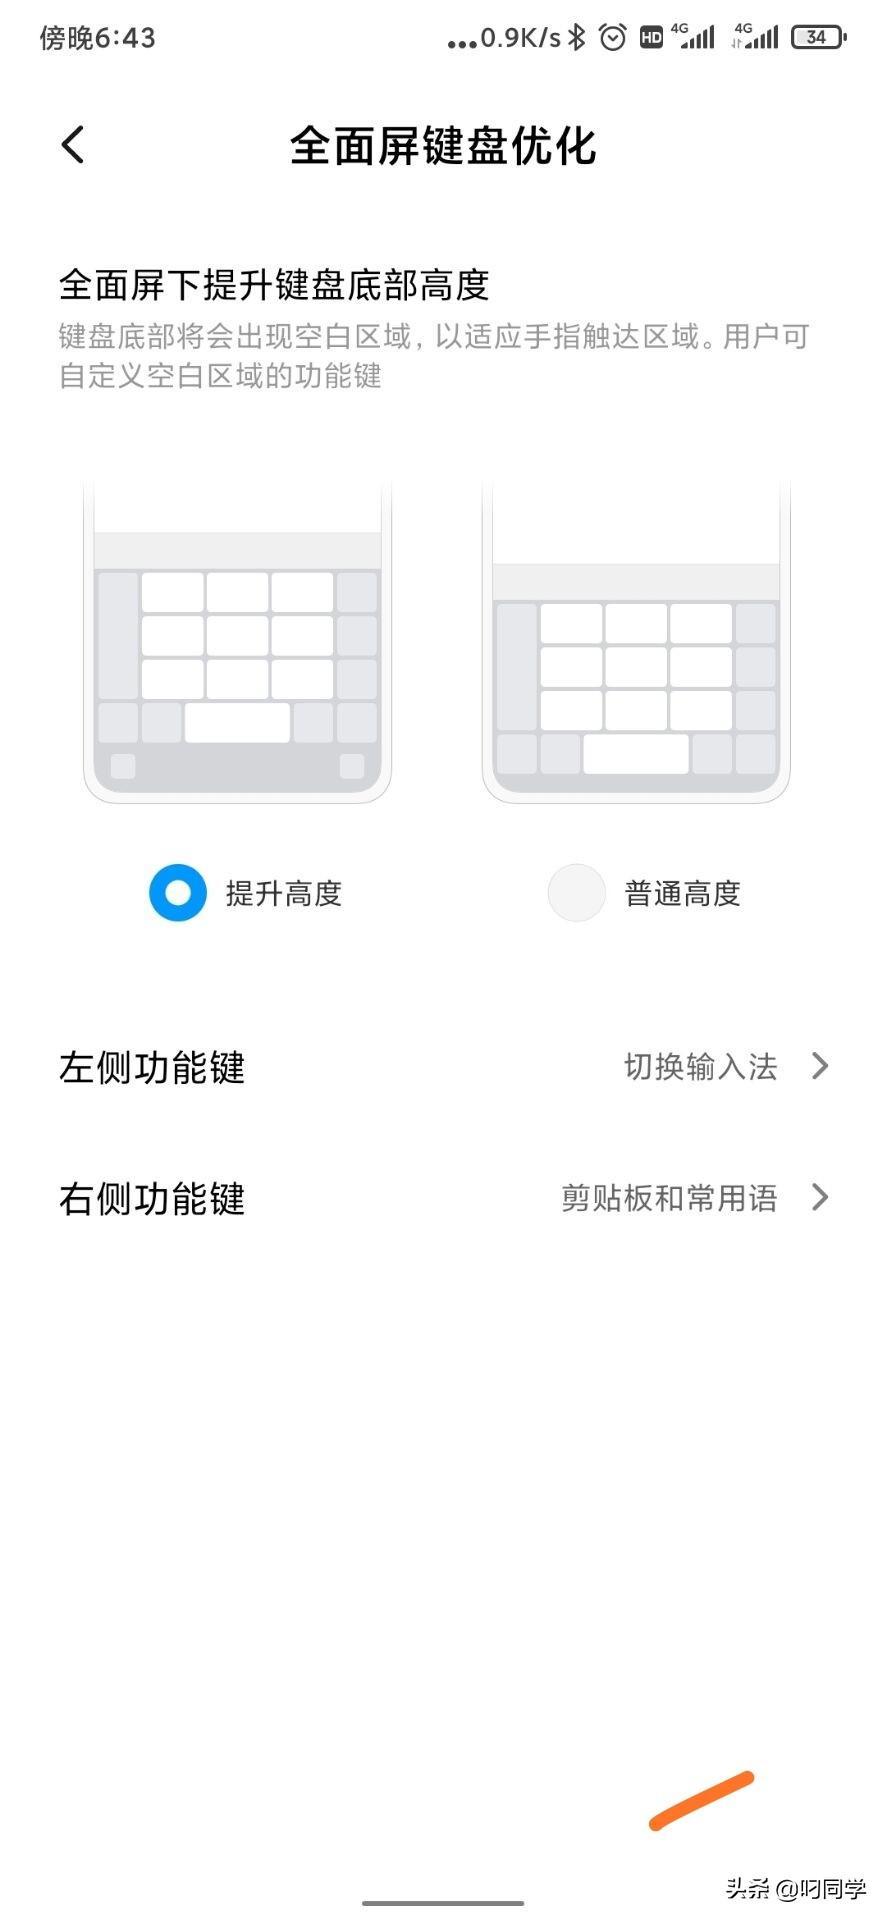 小米MIUI系统桌面及全面屏手势(小横条)内测,切换应用流畅,过渡动画无缝